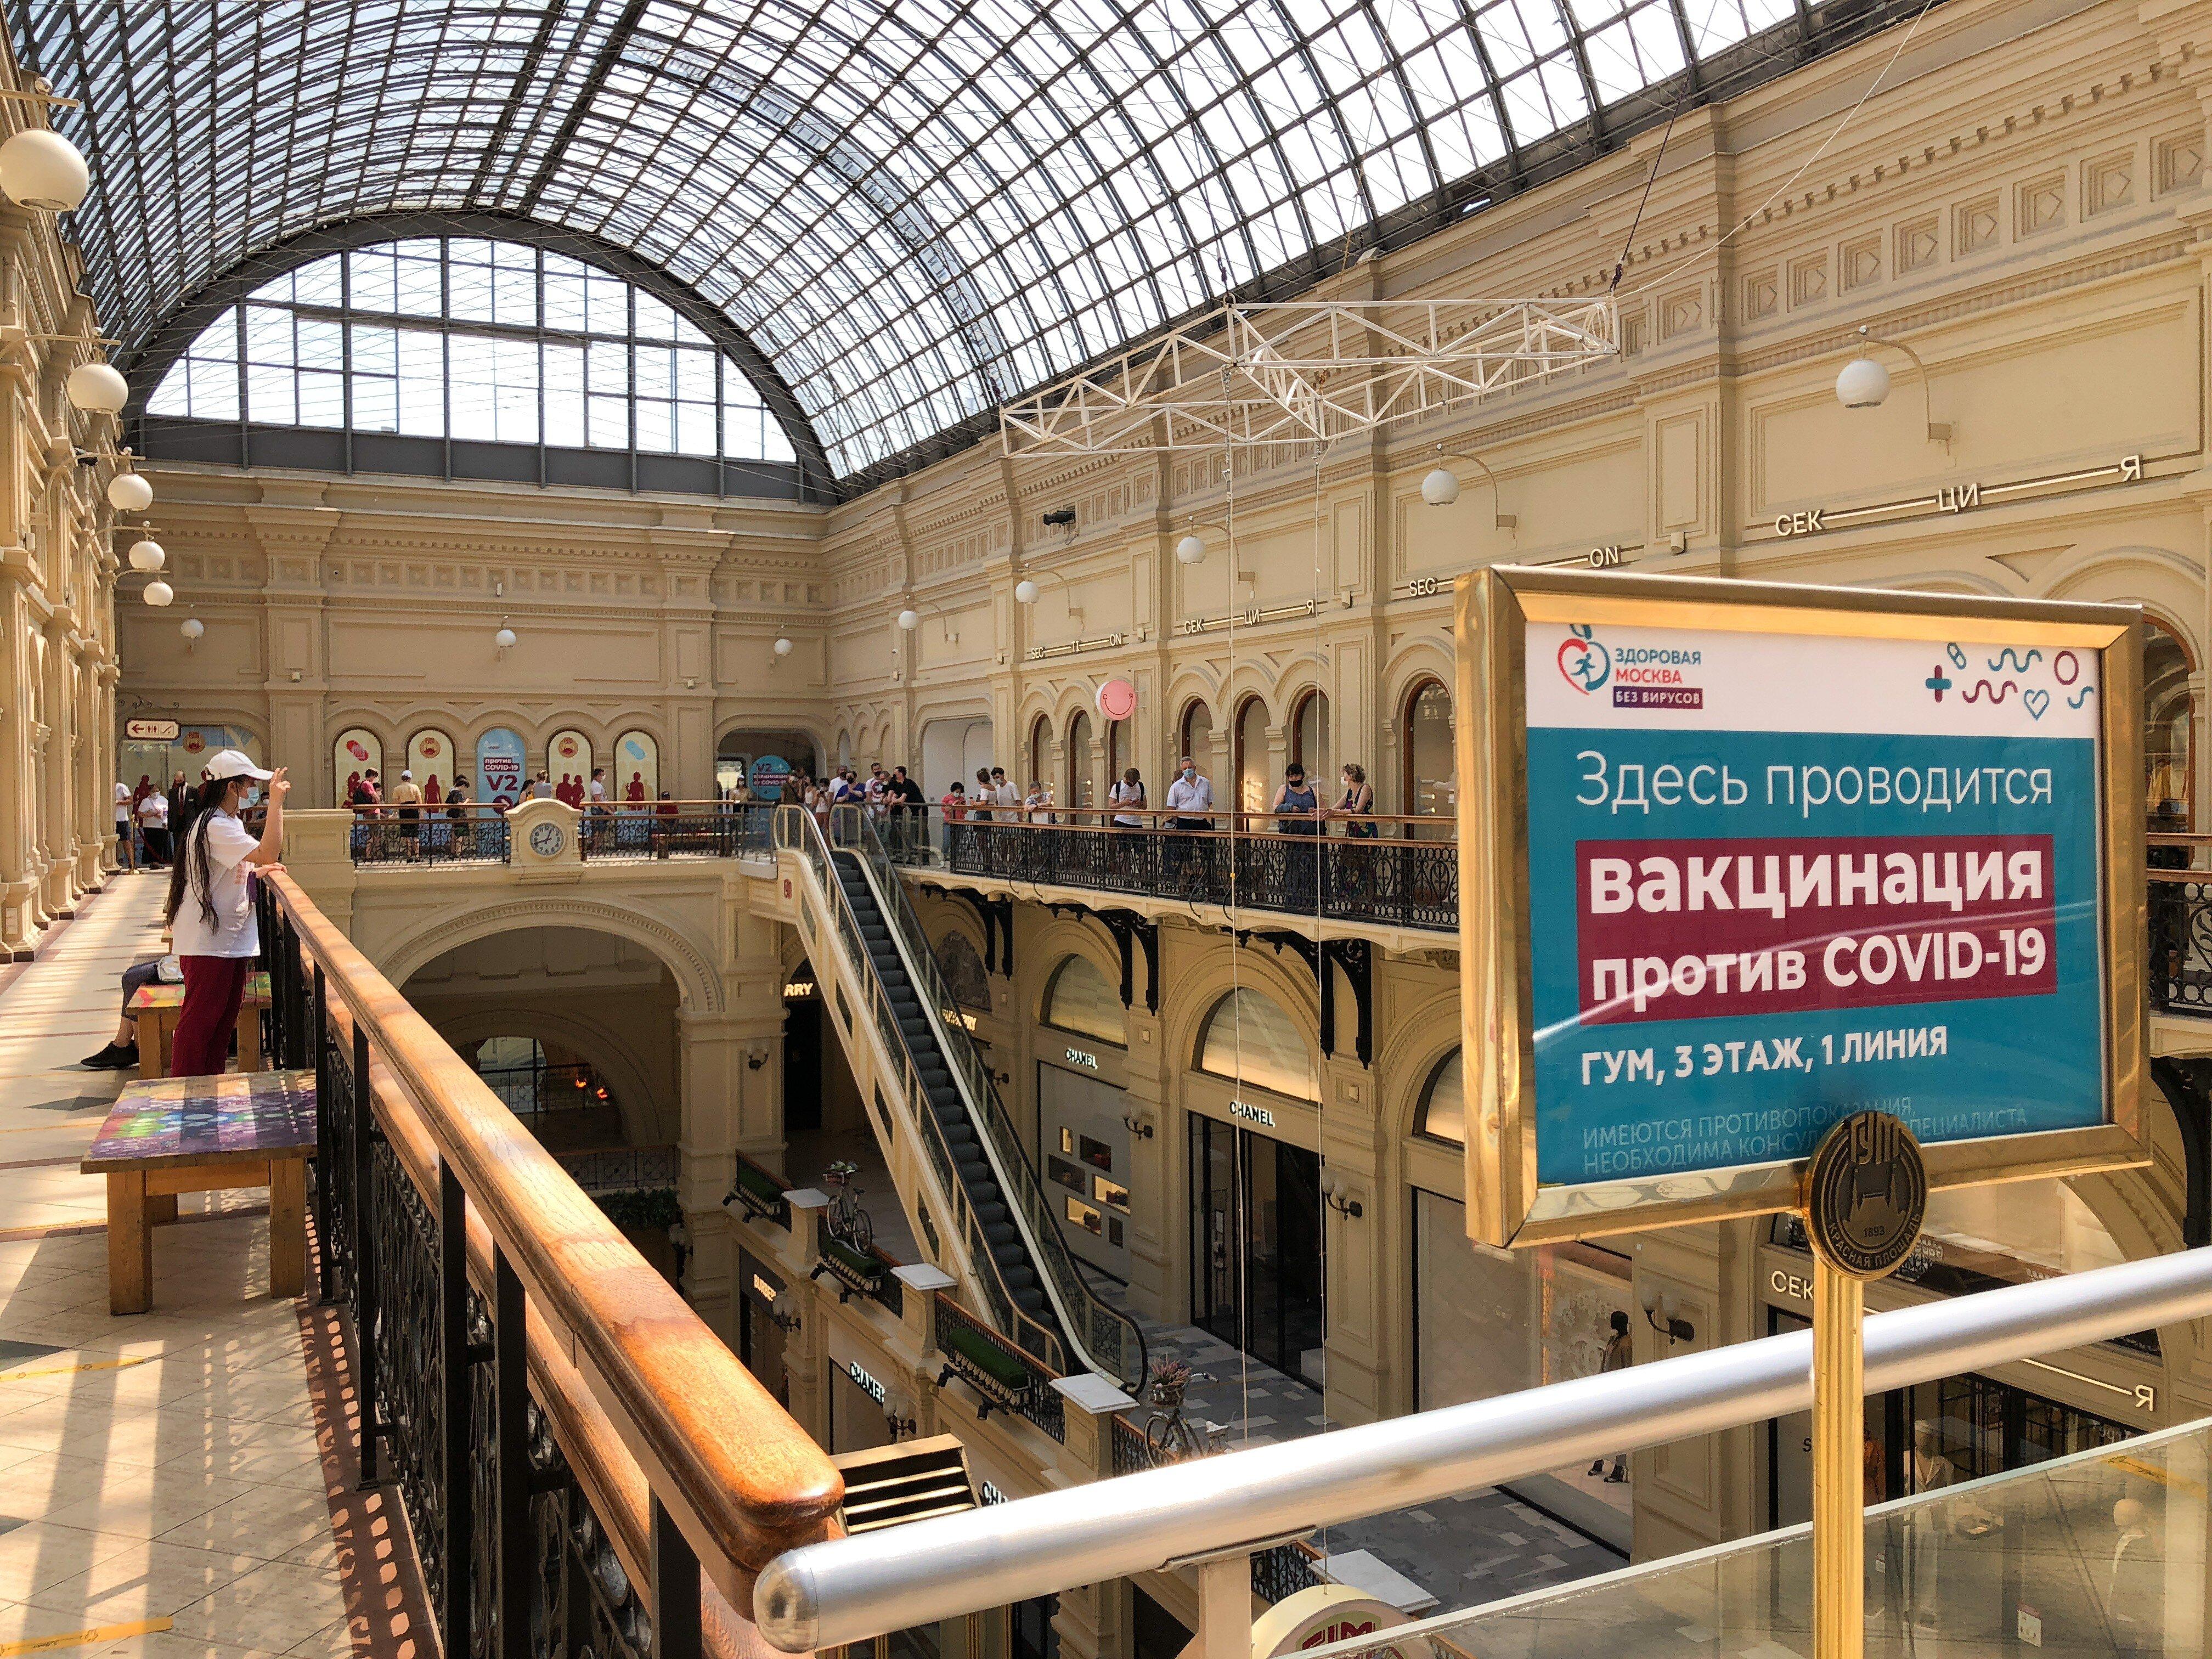 123403694330.42363 В Москве стартует ревакцинация от коронавируса